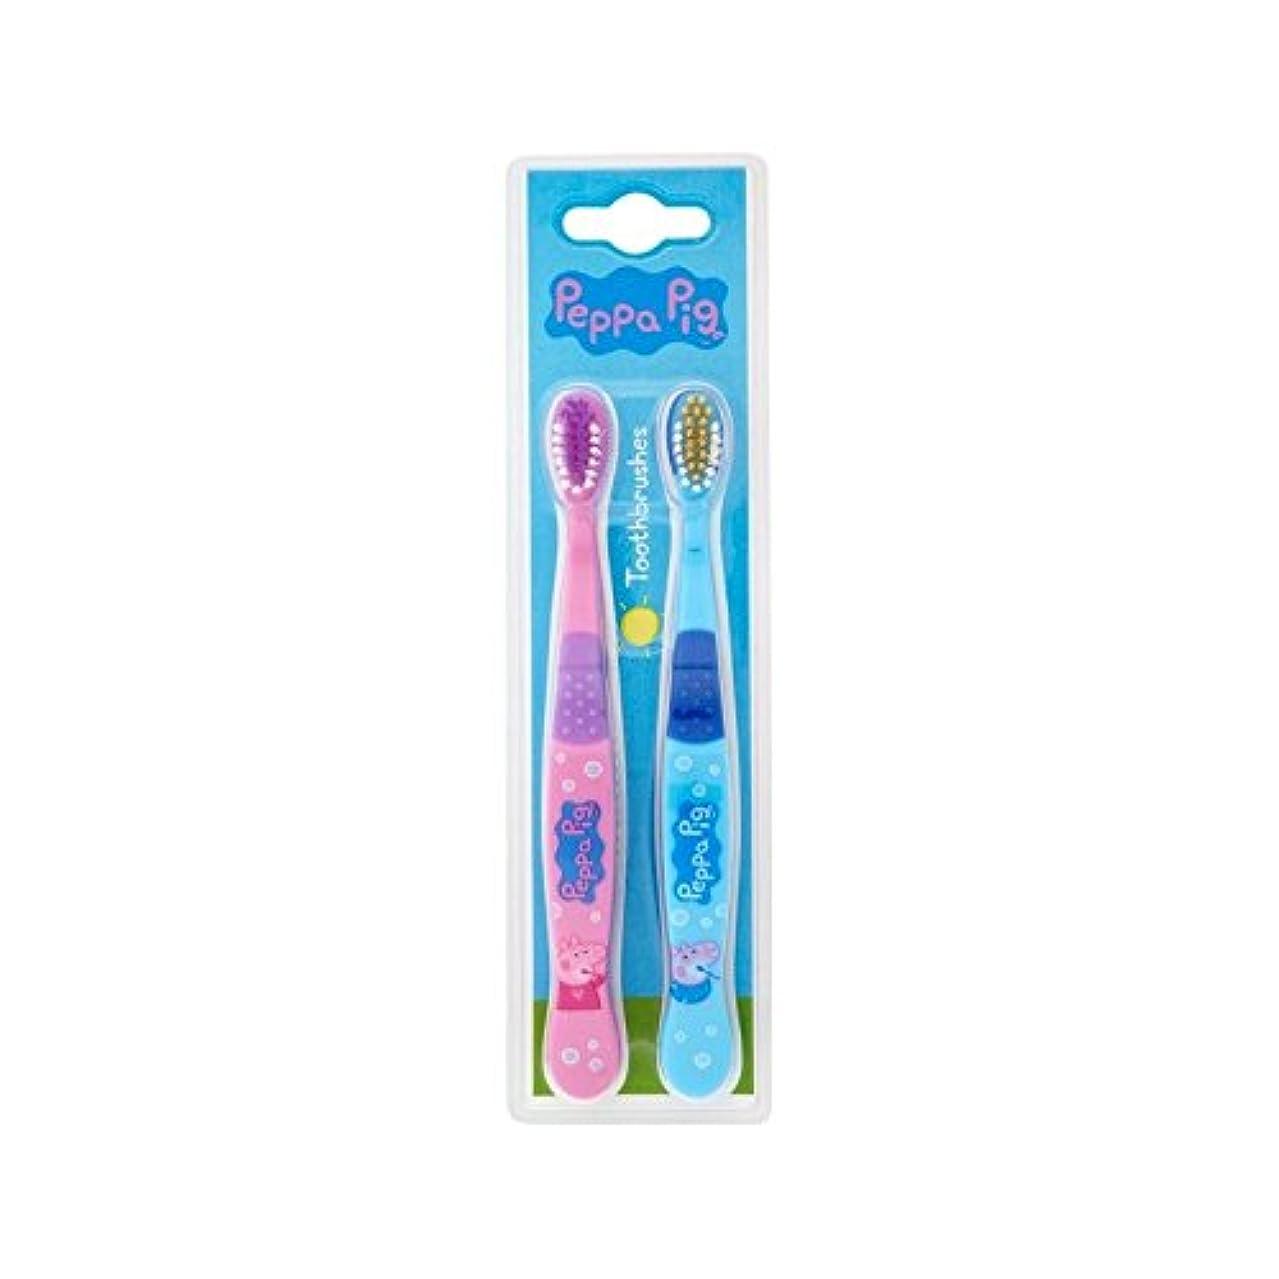 1パックツイン歯ブラシ2 (Peppa Pig) (x 4) - Peppa Pig Twin Toothbrush 2 per pack (Pack of 4) [並行輸入品]